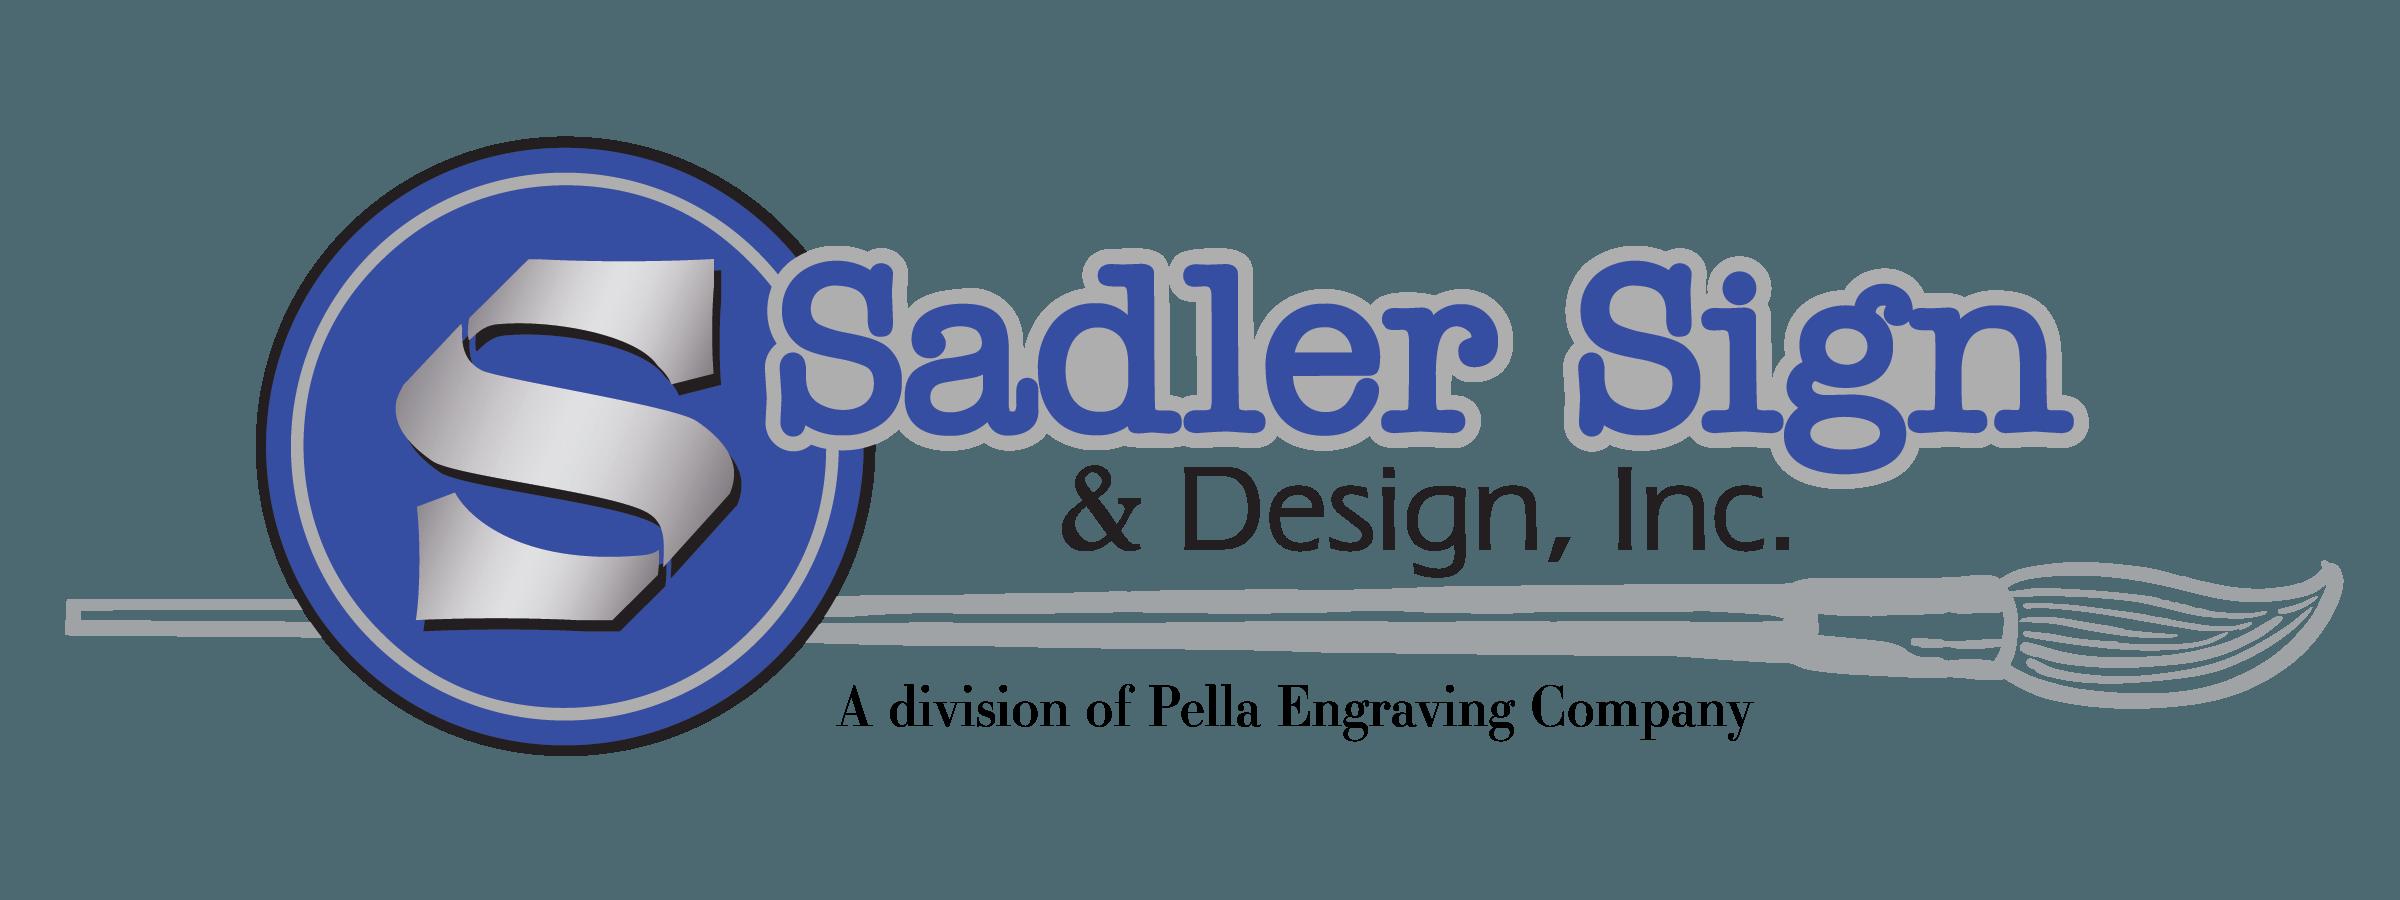 Sadler Sign & Design division steps into the spotlight